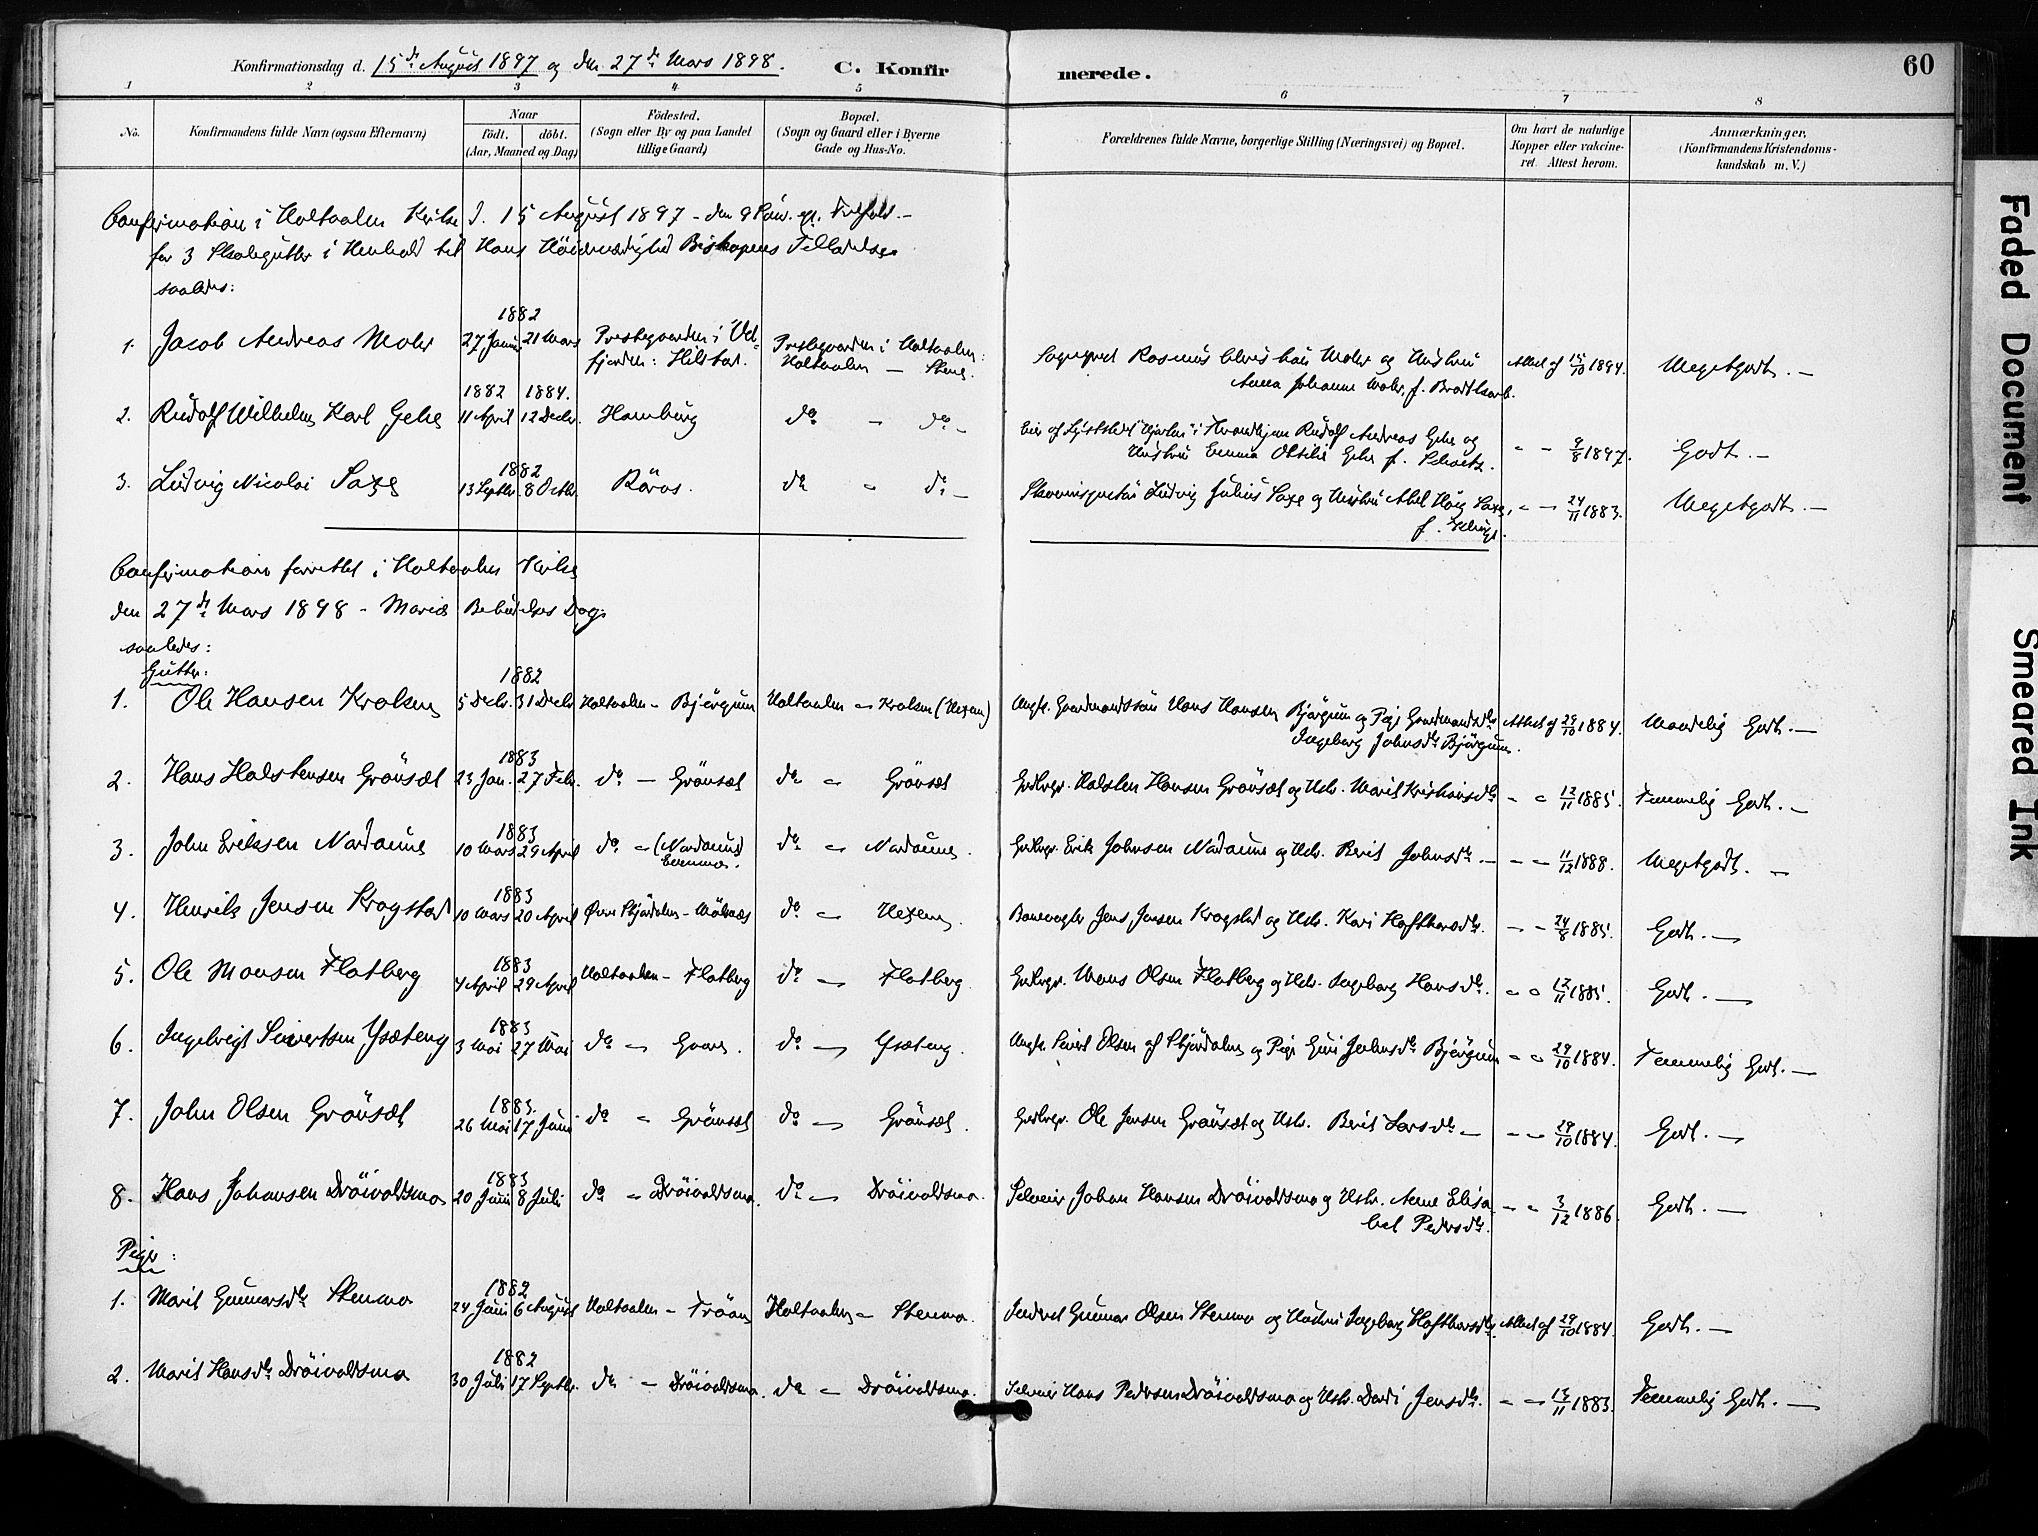 SAT, Ministerialprotokoller, klokkerbøker og fødselsregistre - Sør-Trøndelag, 685/L0973: Ministerialbok nr. 685A10, 1891-1907, s. 60